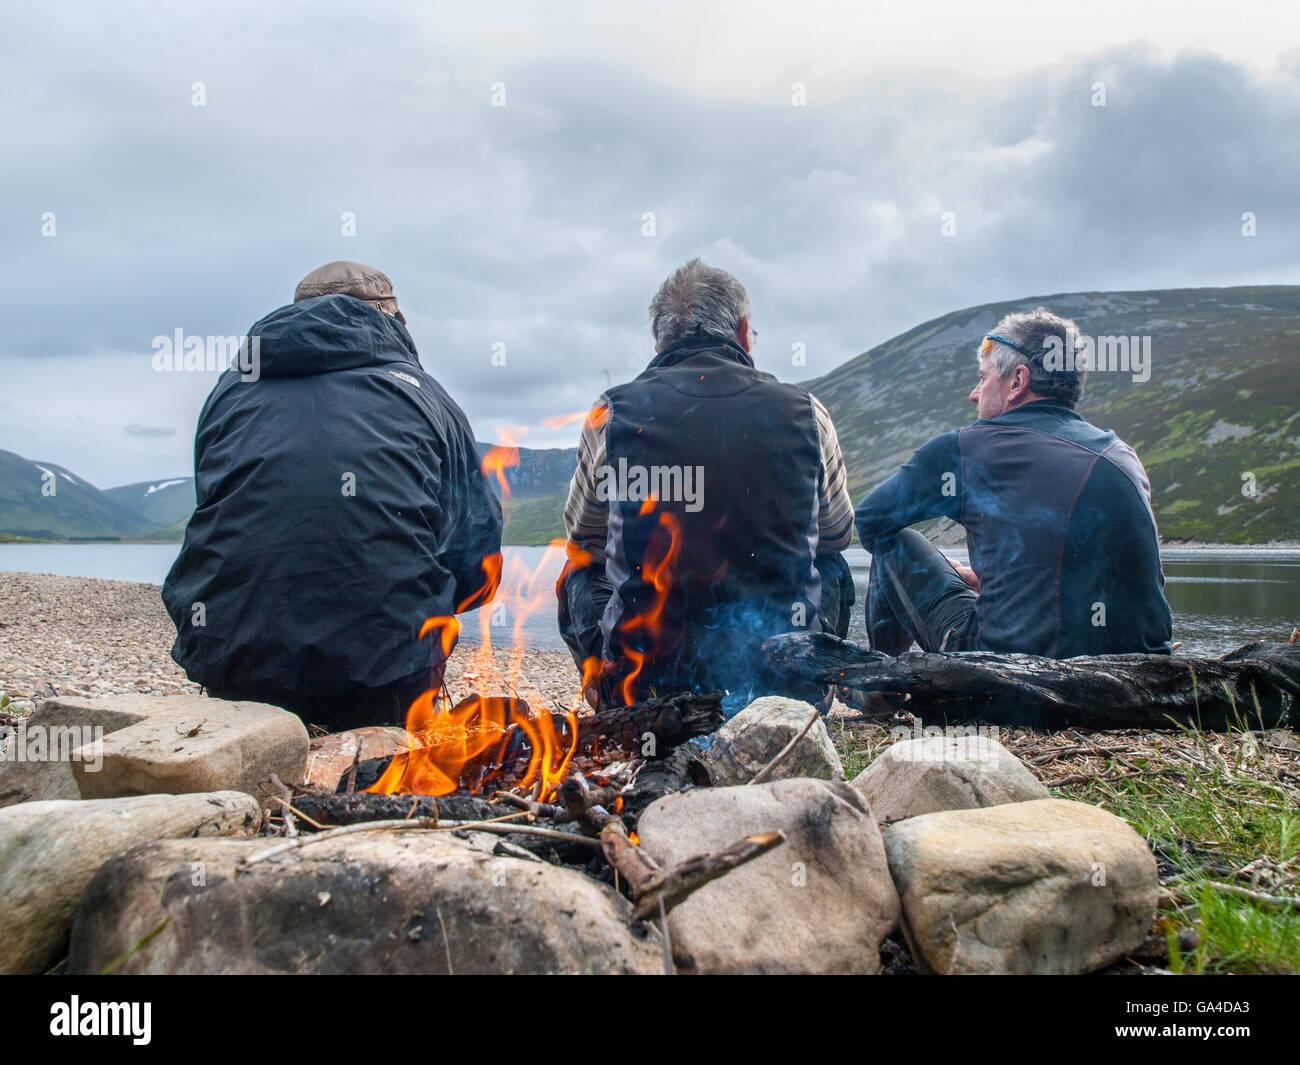 Tres hombres de espaldas a un fuego de campamento en una bicicleta-packing viaje en Escocia Foto de stock